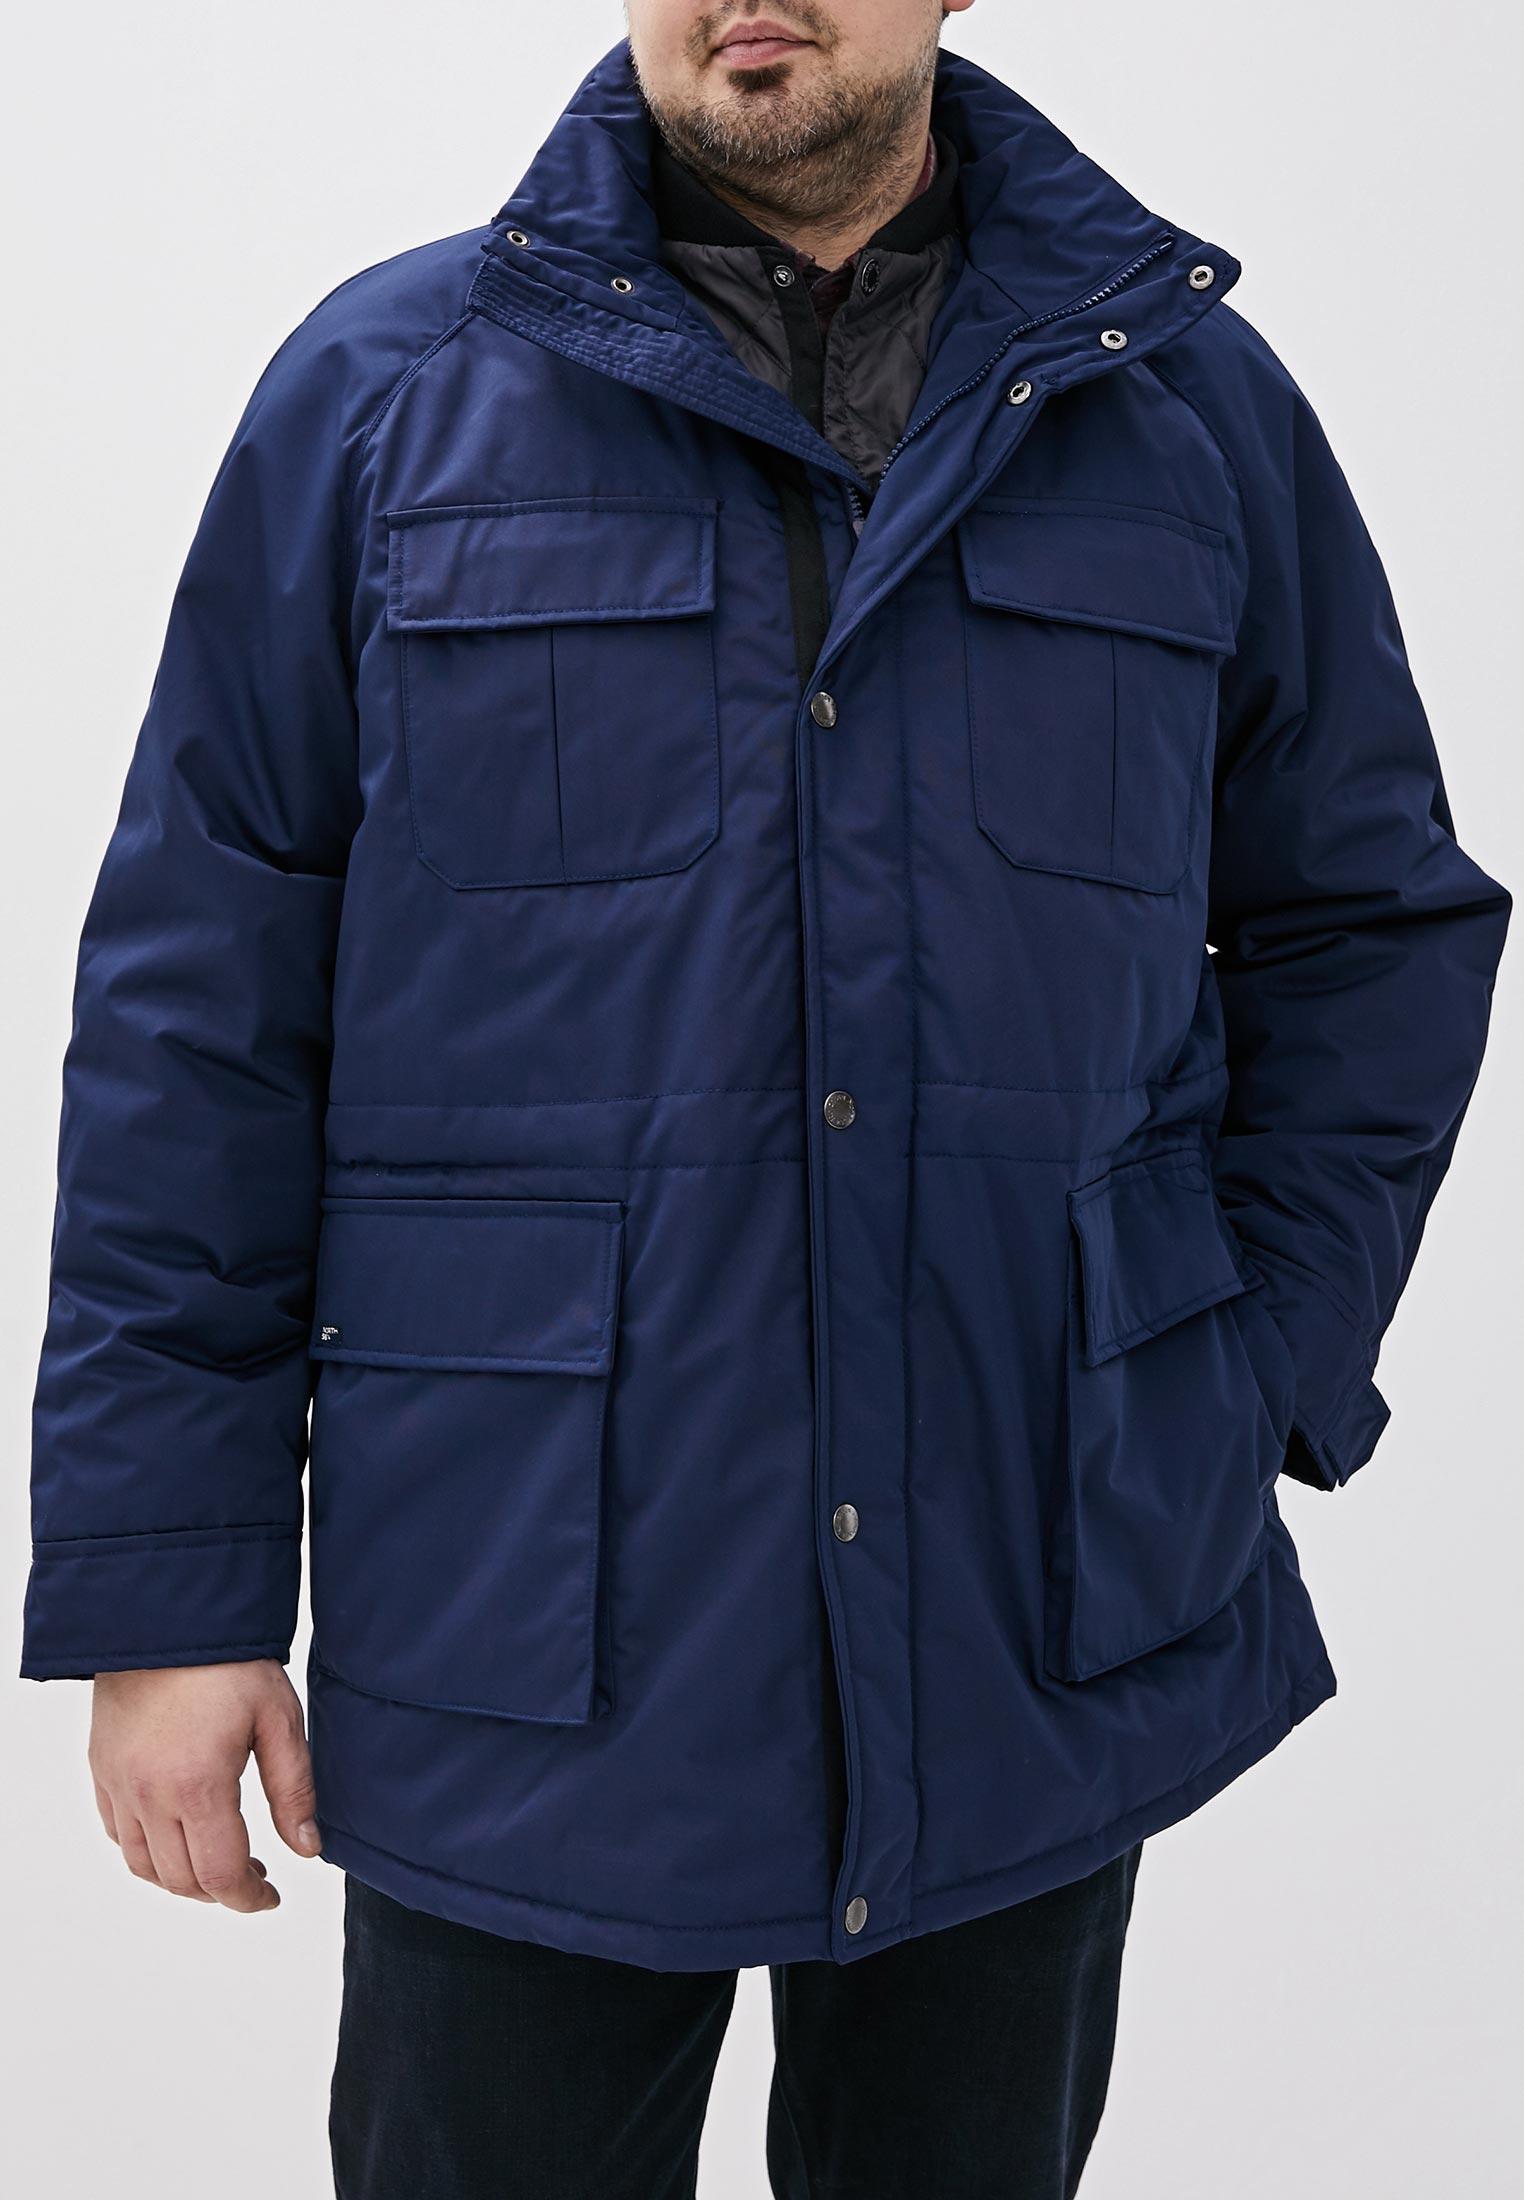 Утепленная куртка North 56-4 93181B